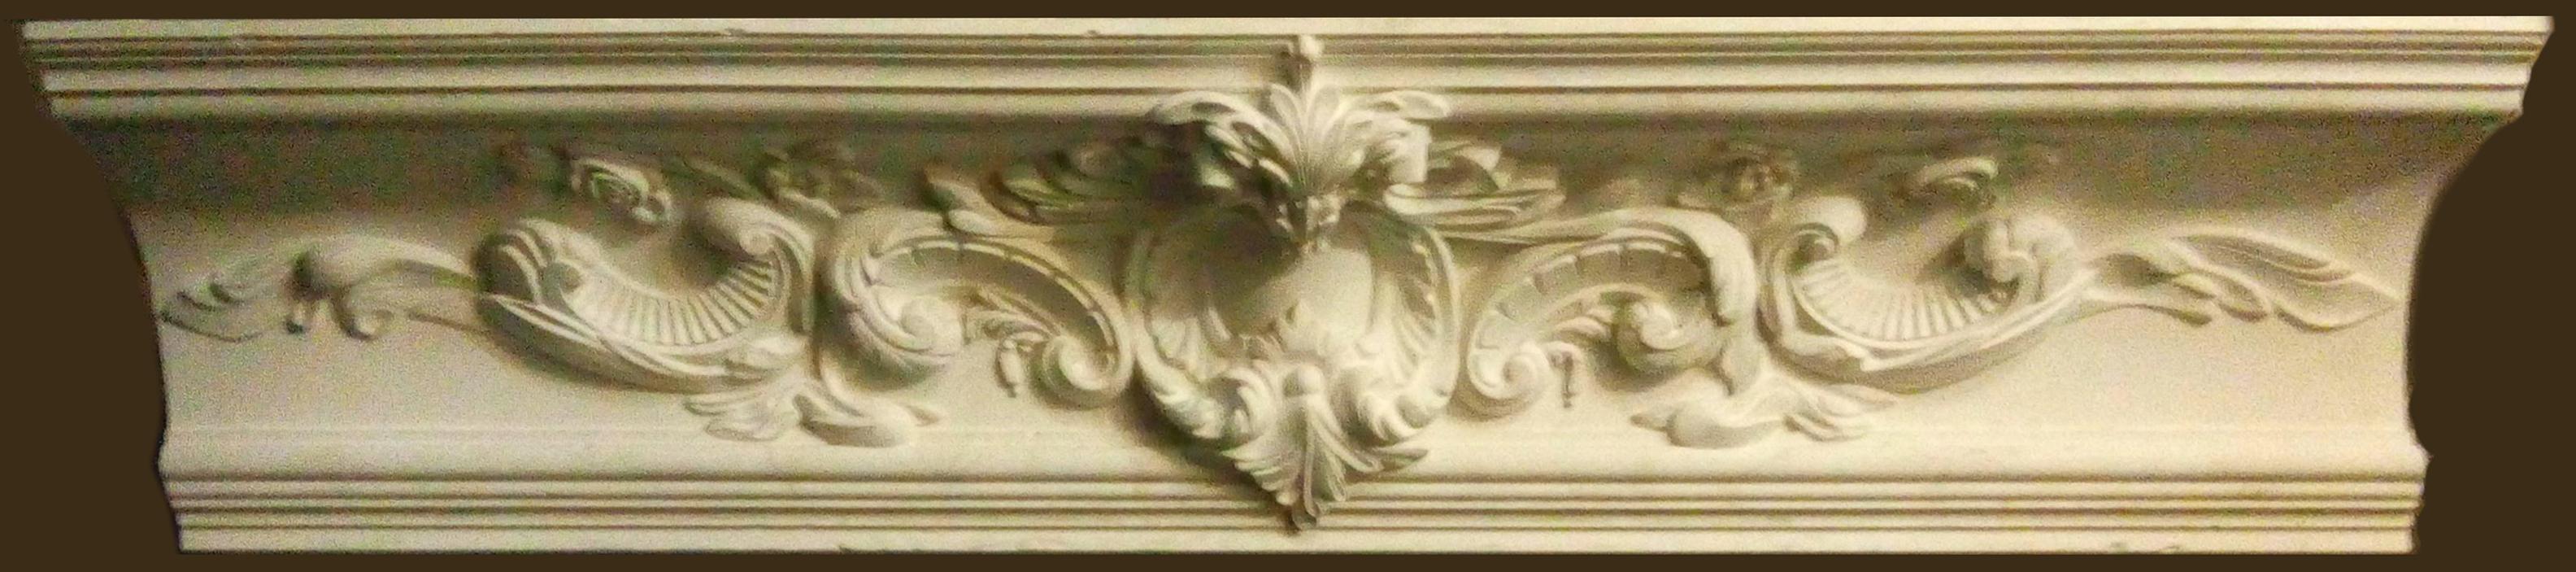 лепнина из декоратиного гипса